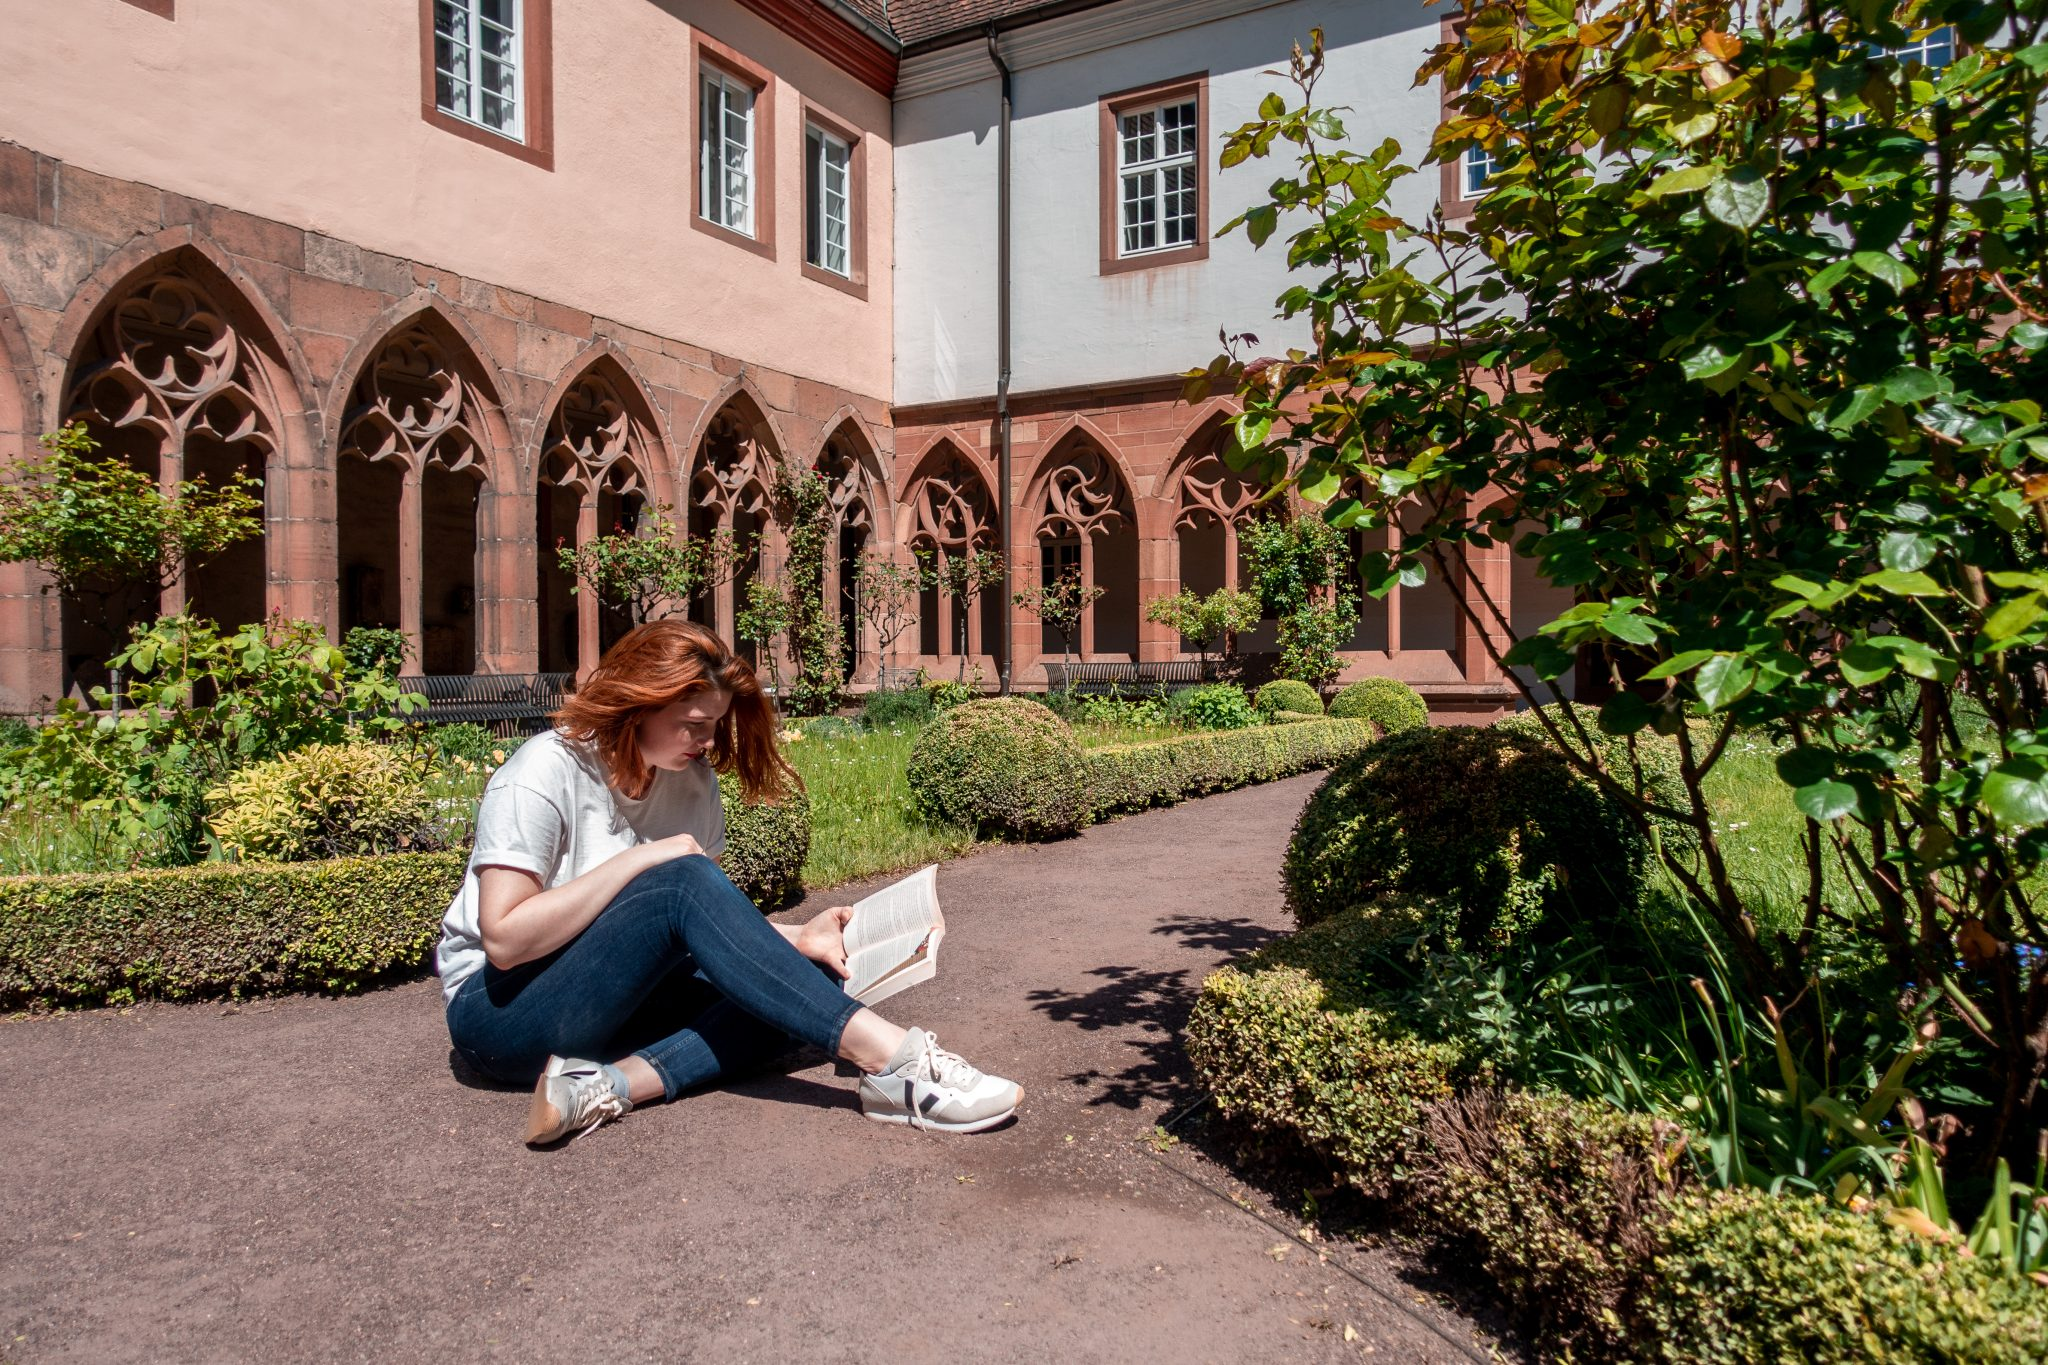 Landau-pfalz-sehsnwürdigkeit-kreuzgarten-buch